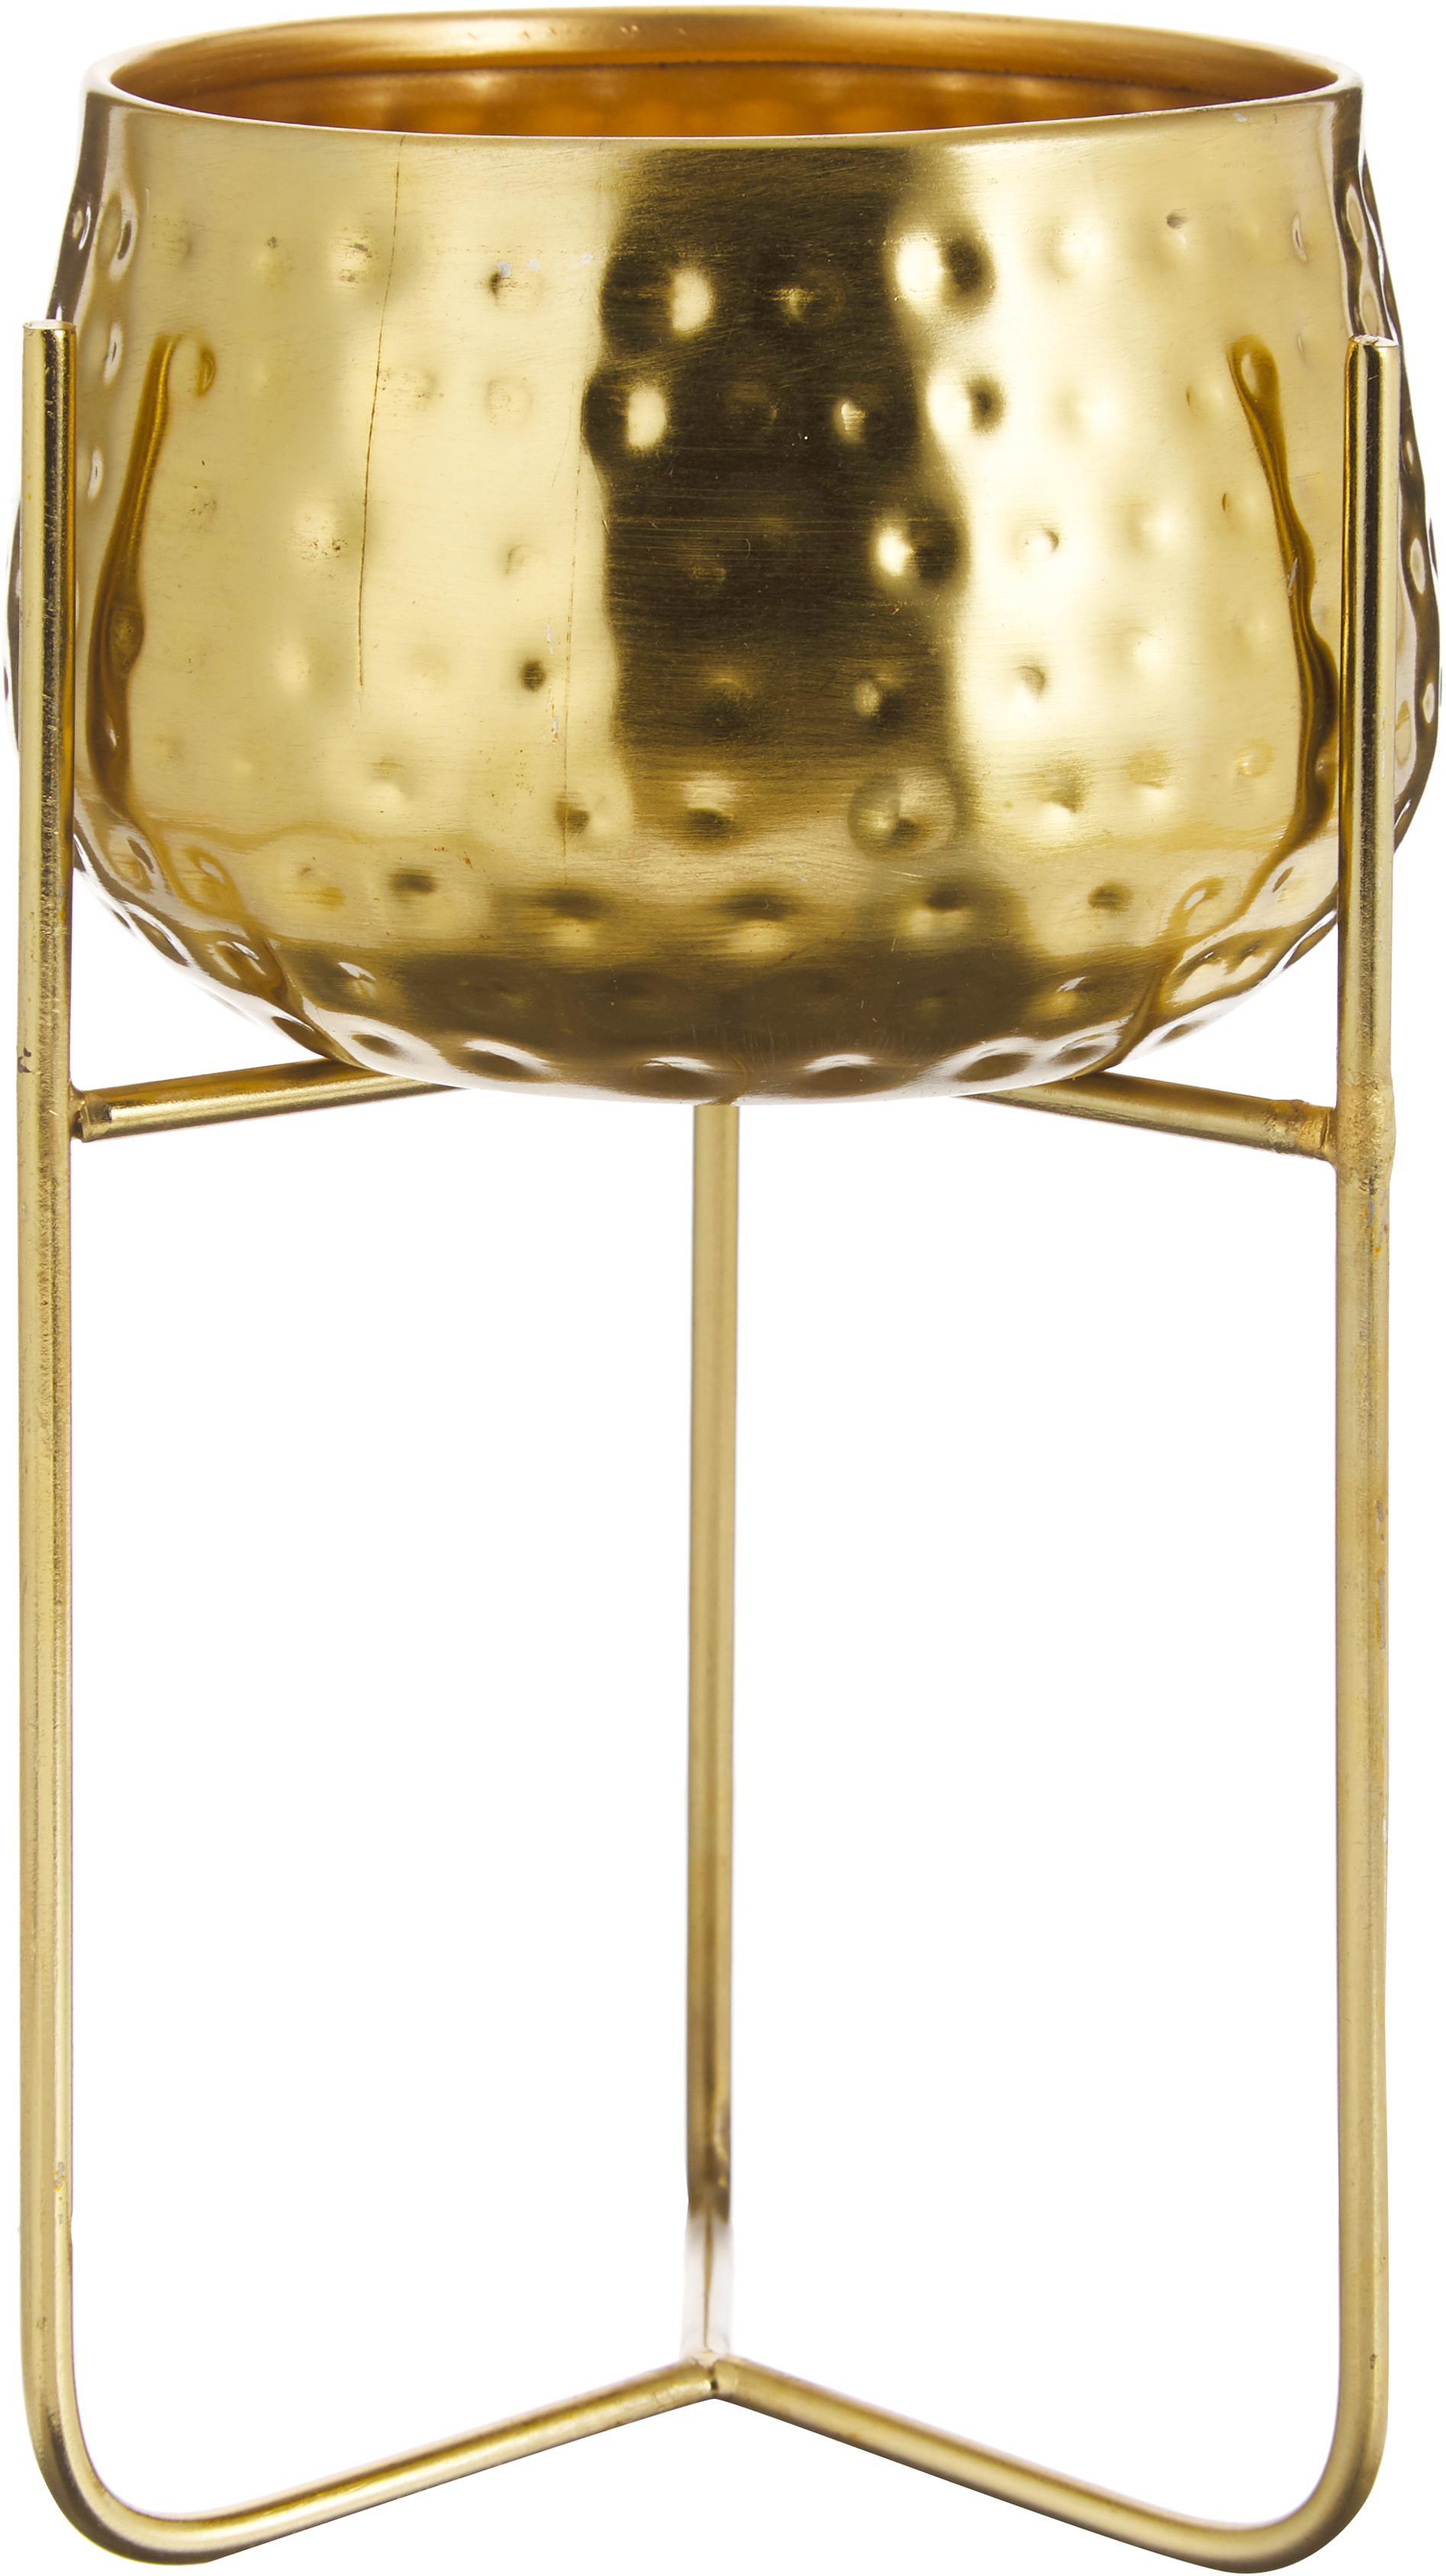 Portavaso Werton, Metallo, rivestito, Dorato, Ø 13 x Alt. 23 cm